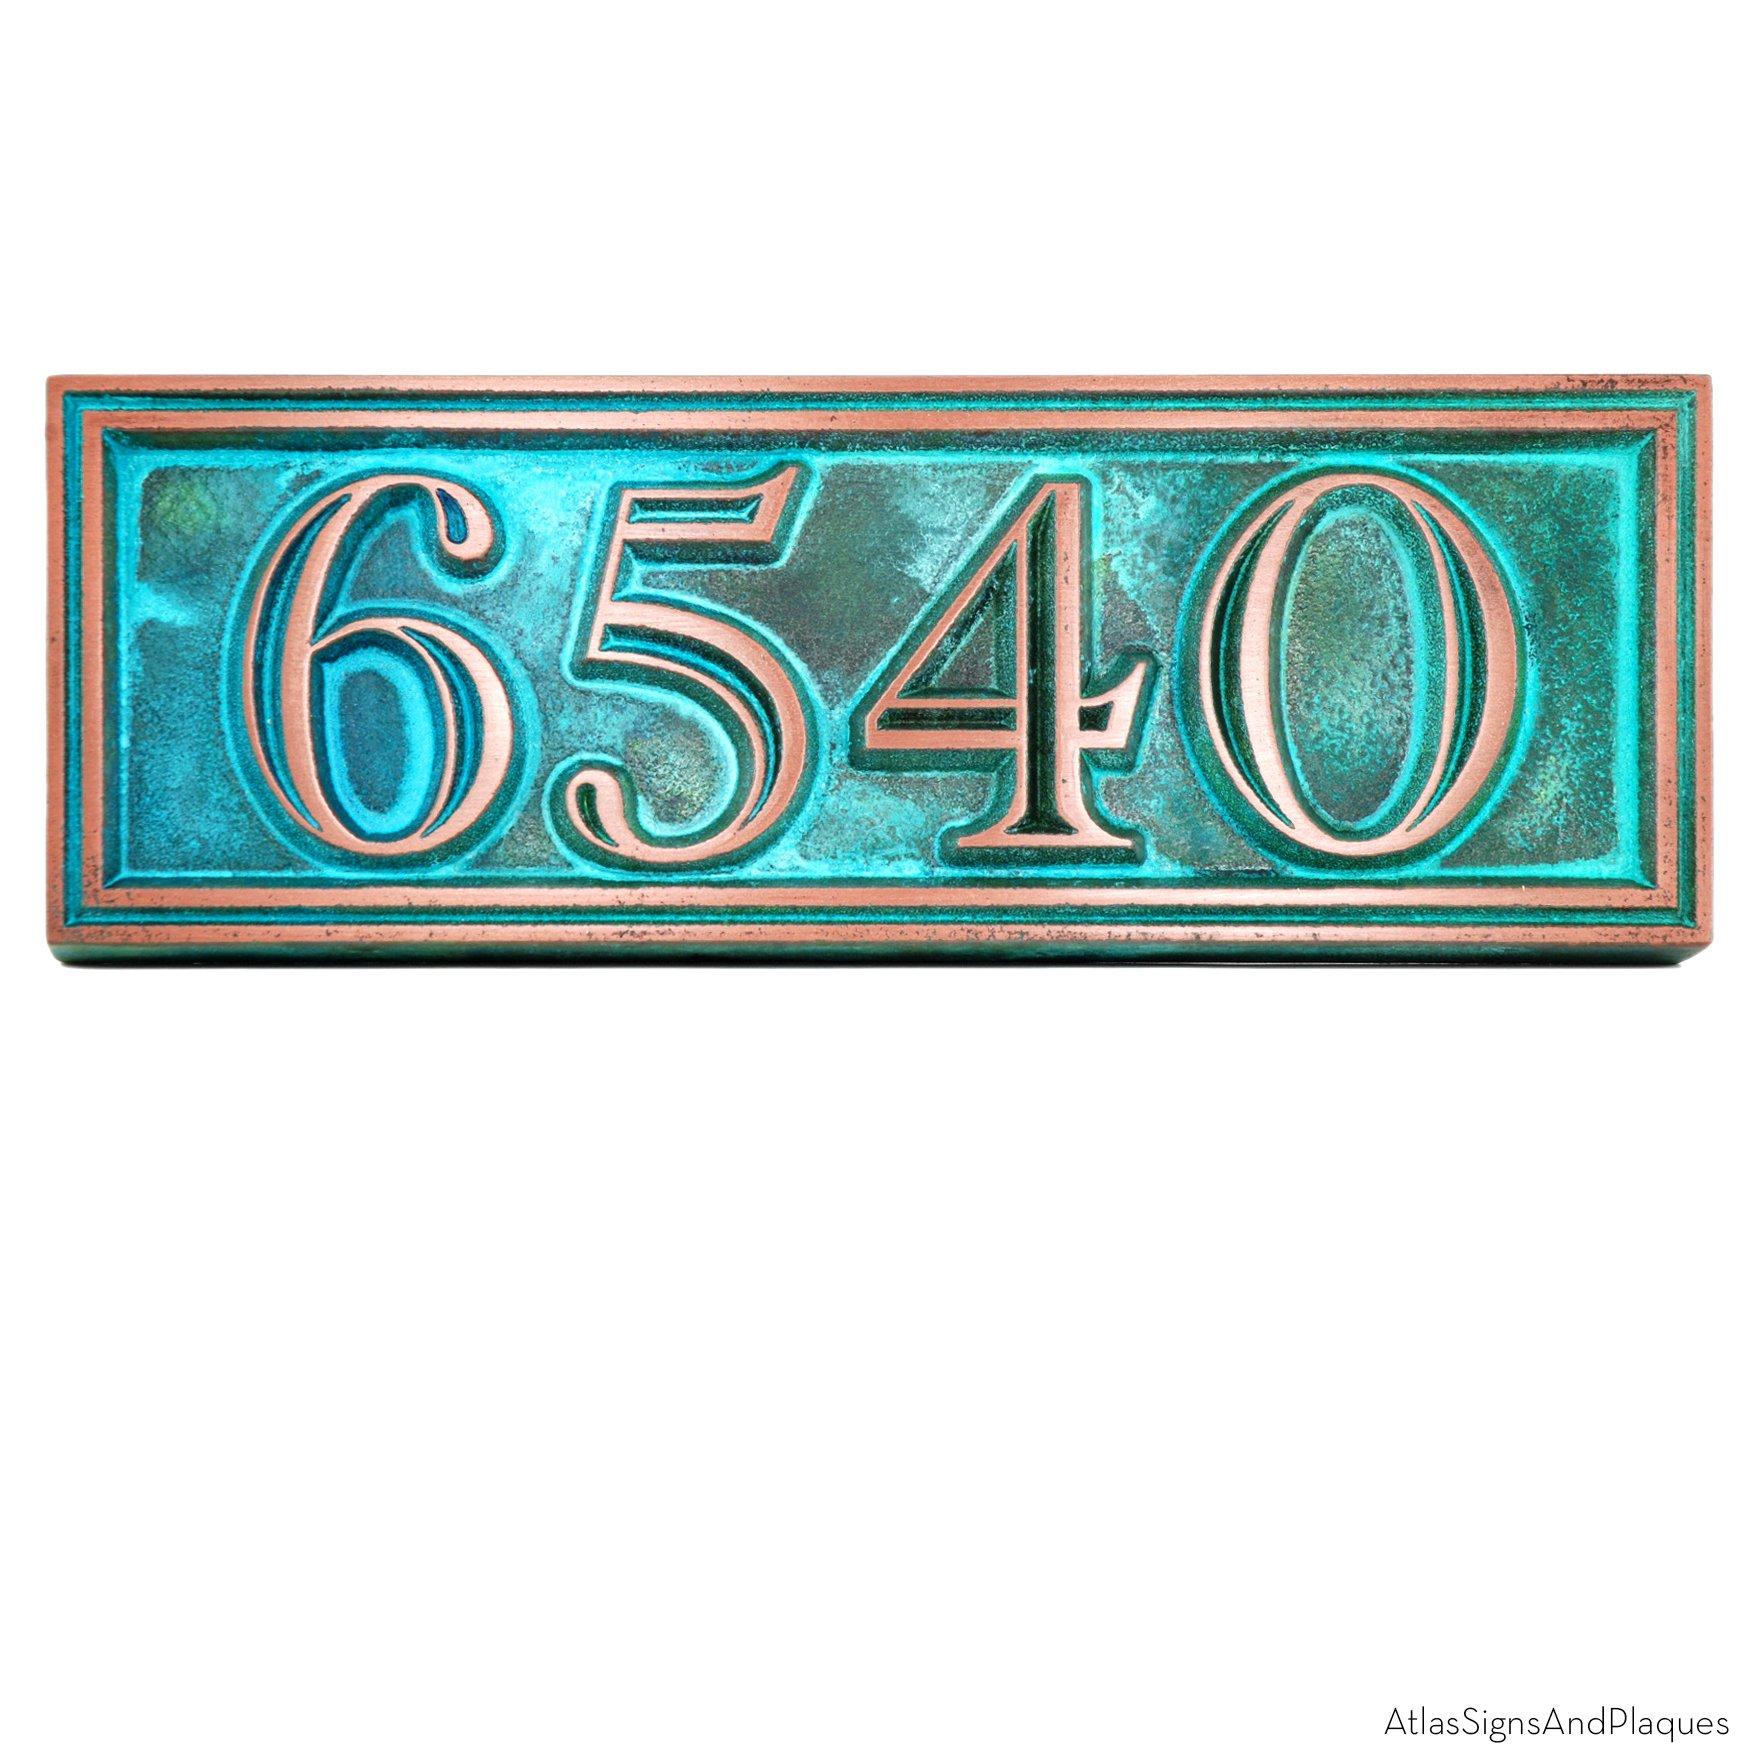 Hesperis Address Plaque 13'' x 4.5'' - Raised Copper Verdi Coated